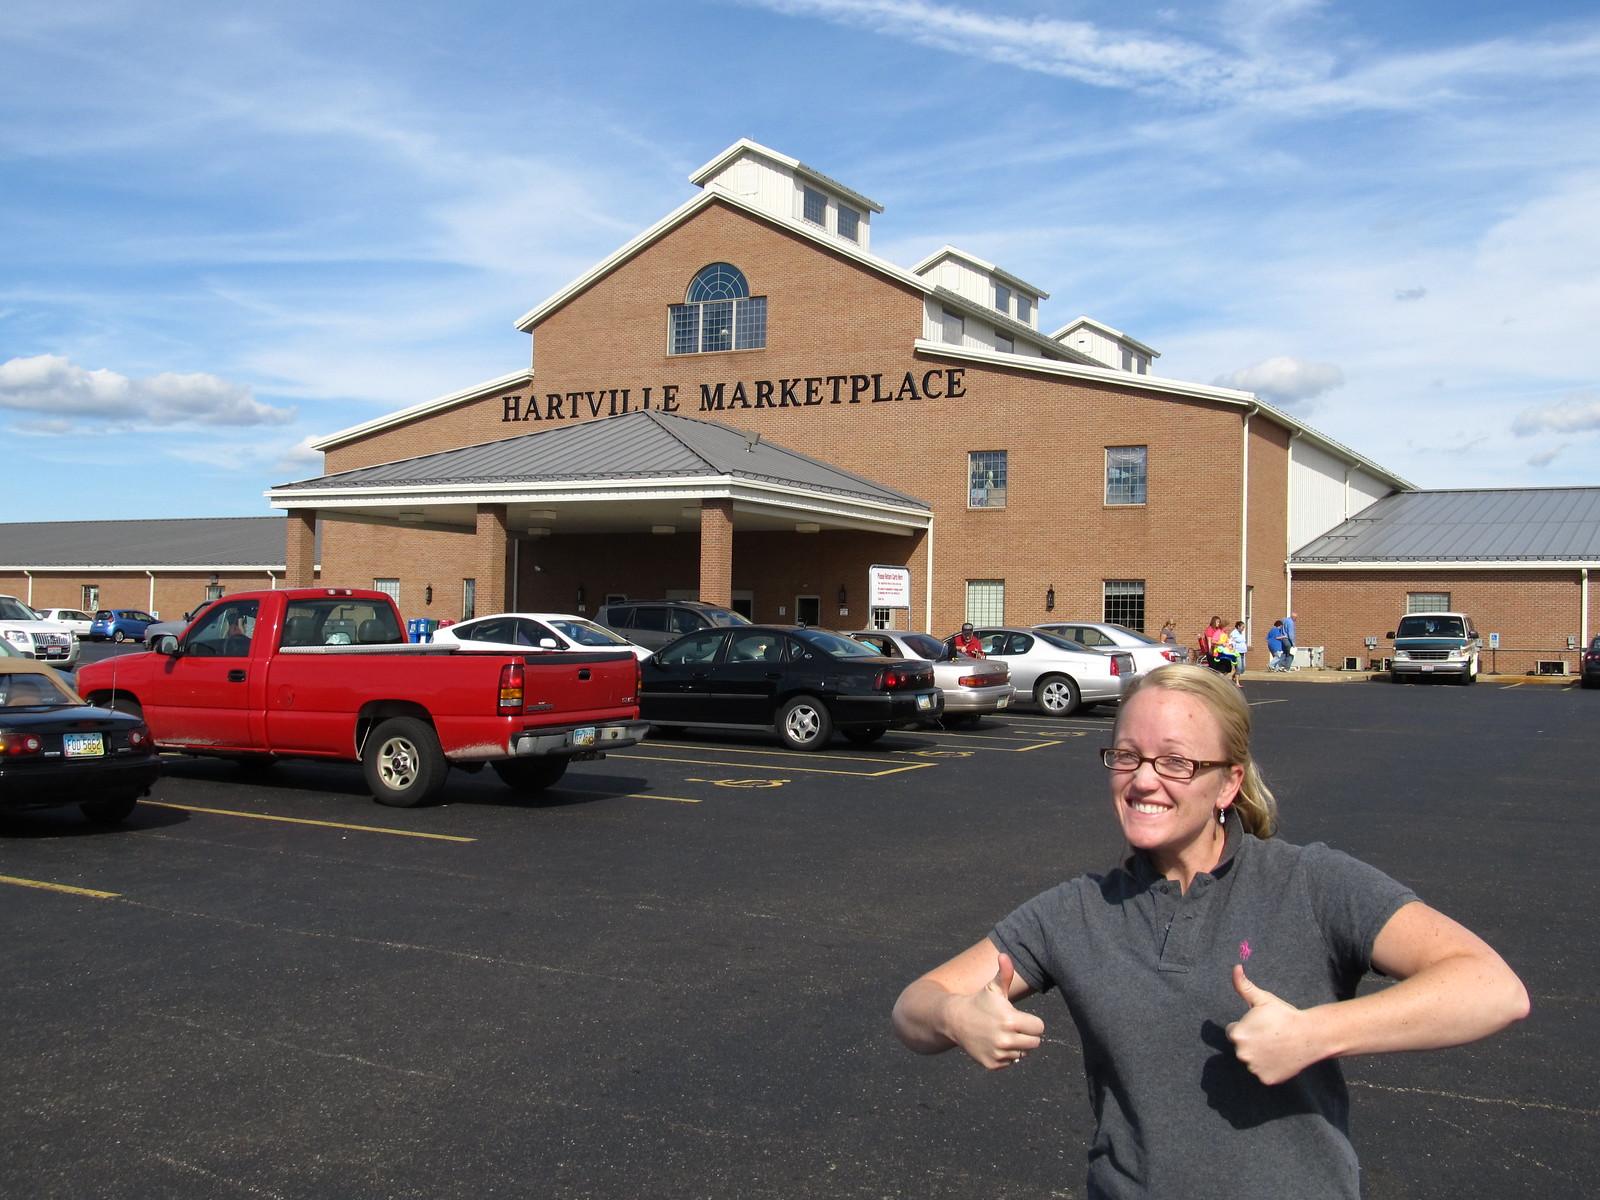 Hartville Marketplace, Hartville, Ohio